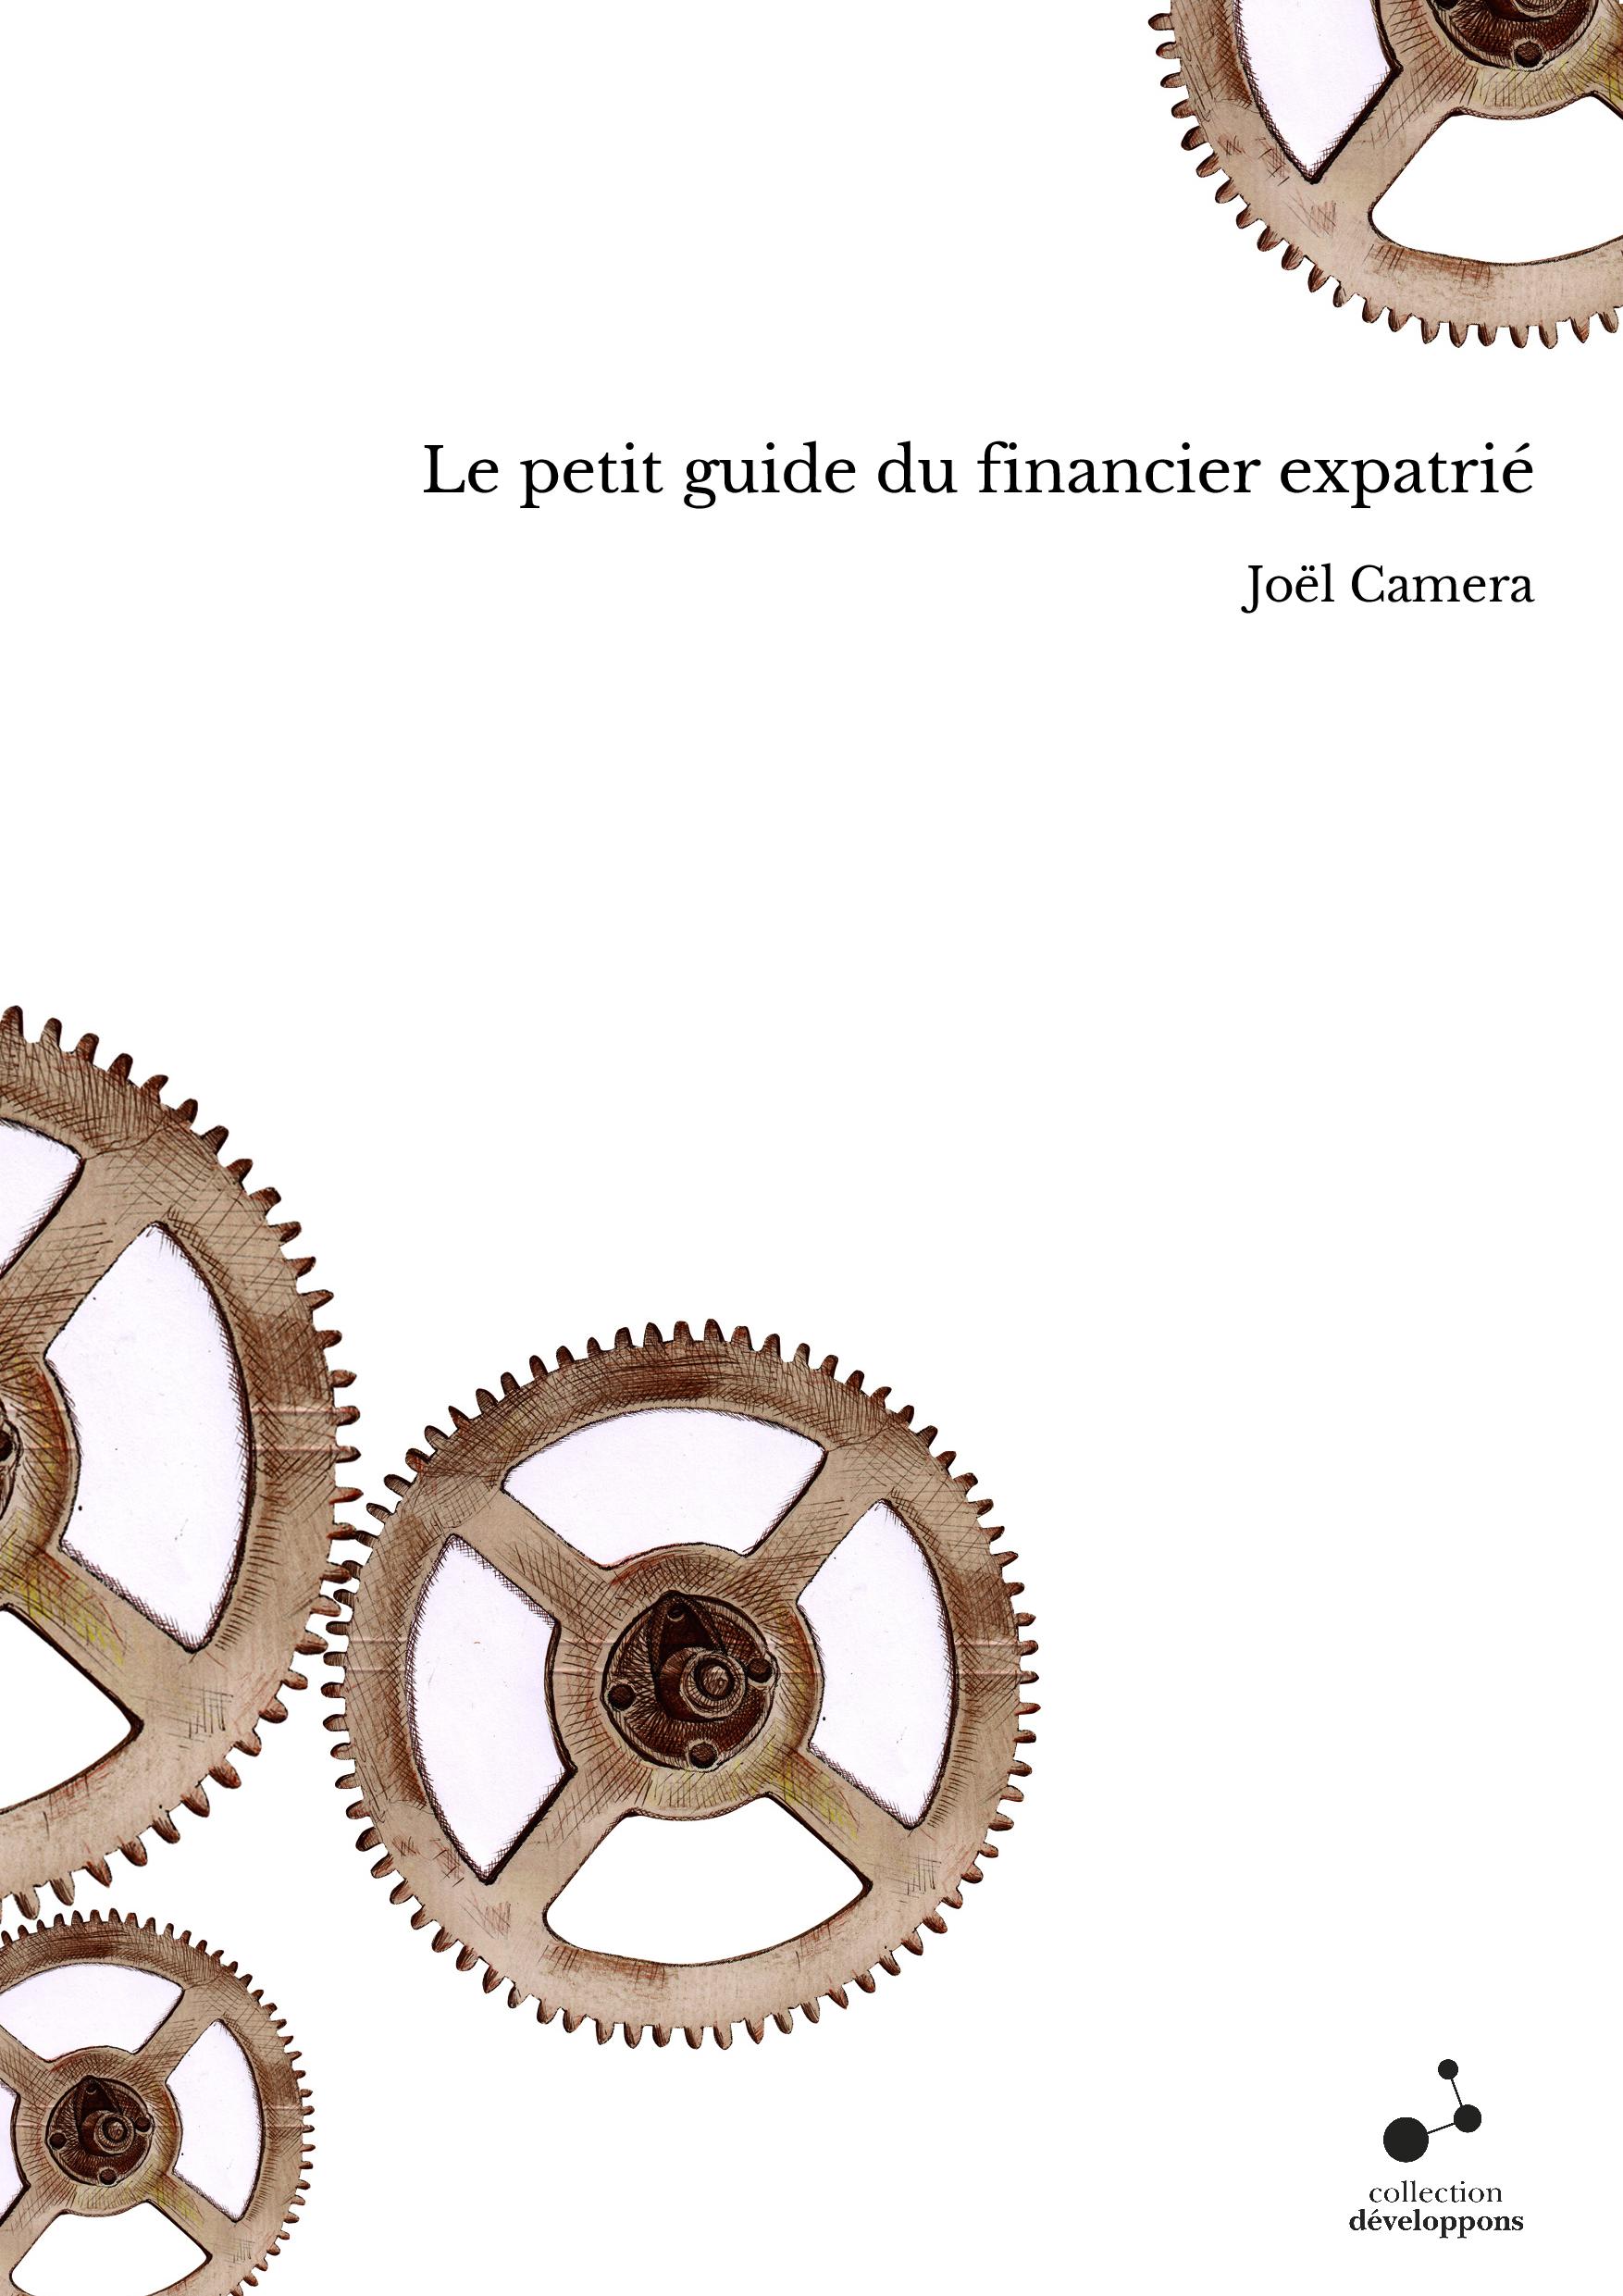 Le petit guide du financier expatrié